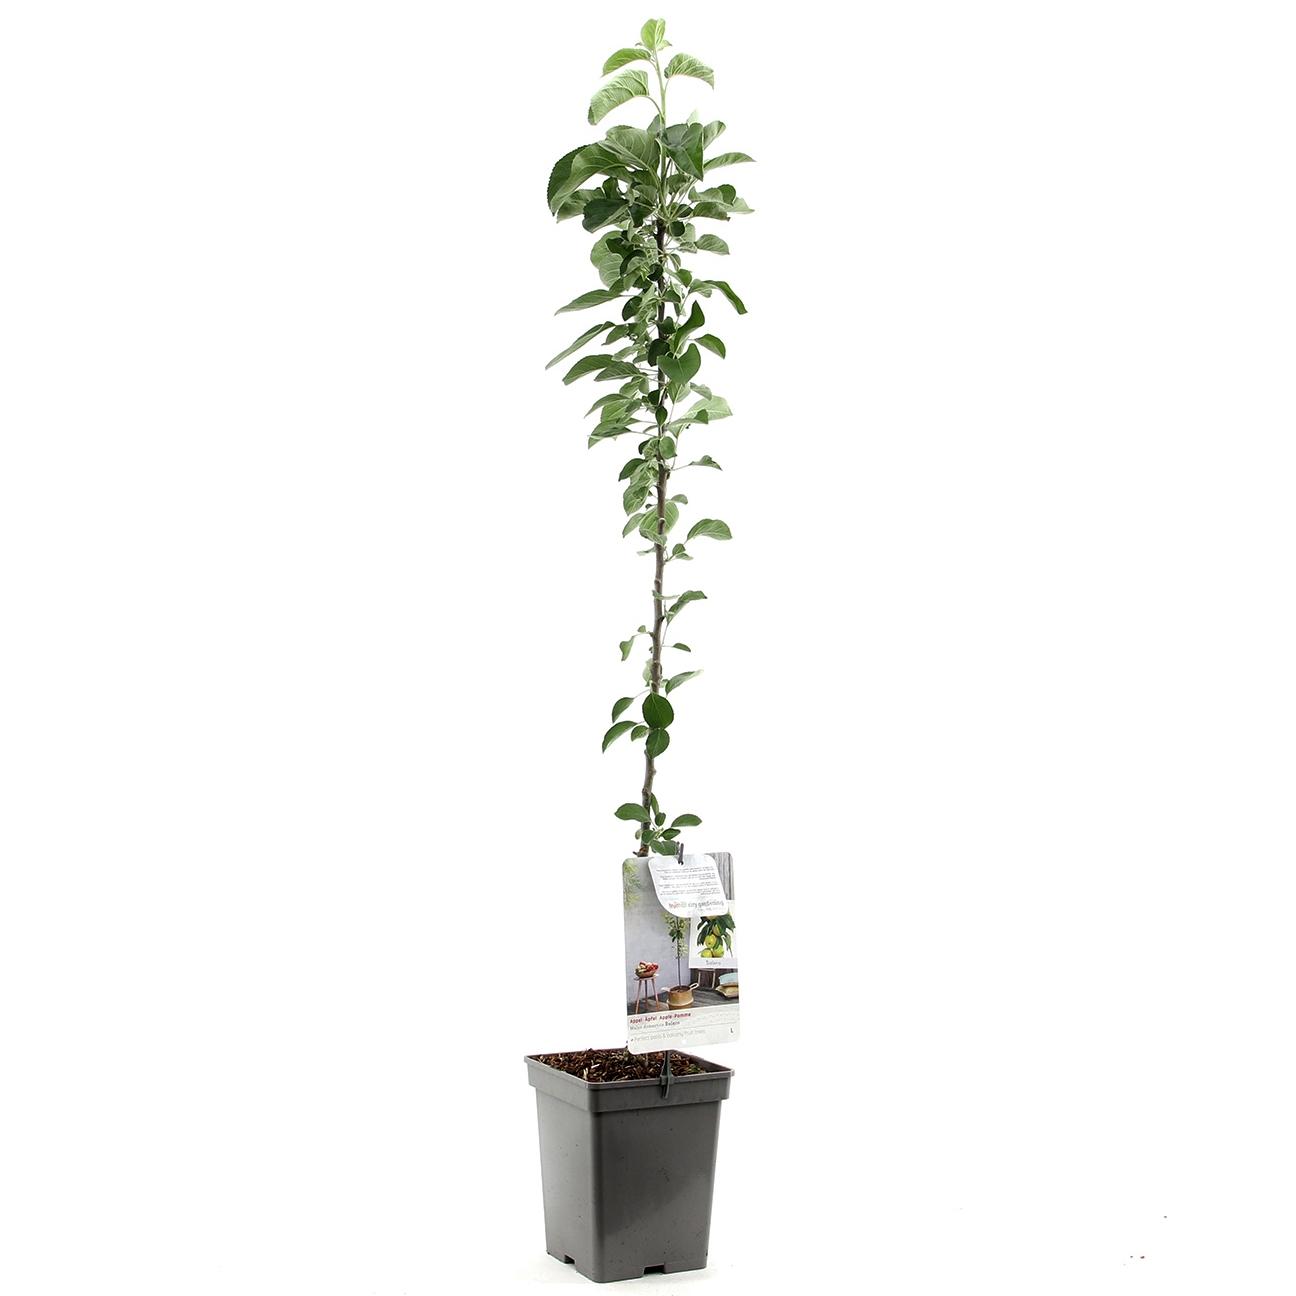 Zuil-appelboom Malus domestica 'Bolero'